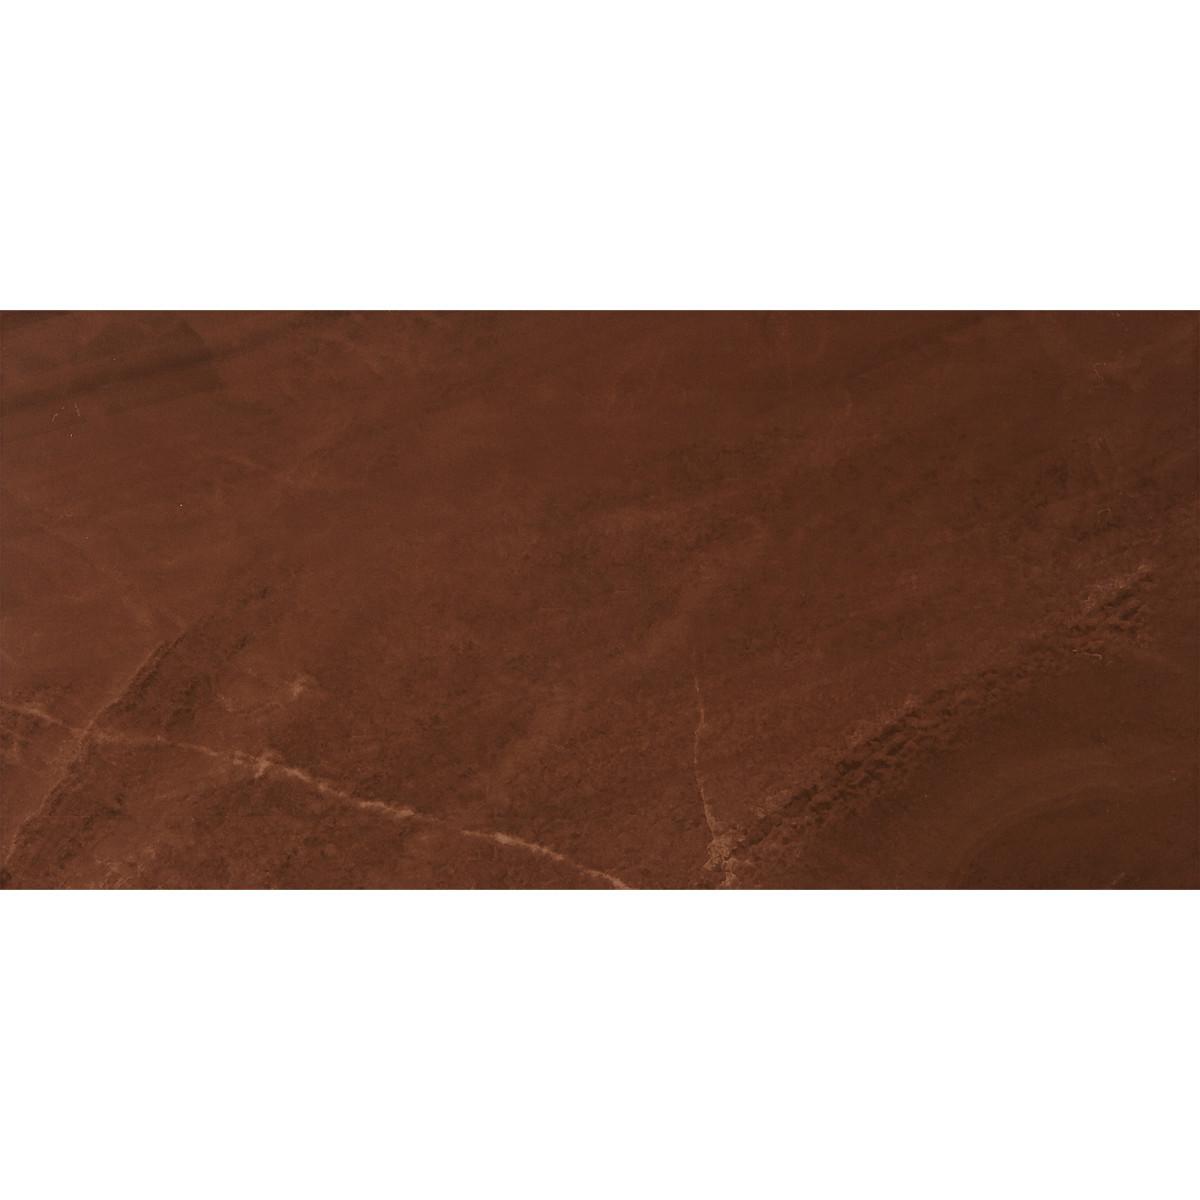 Плитка облицовочная Неаполь 30x60 см 1.62 м² цвет коричневый